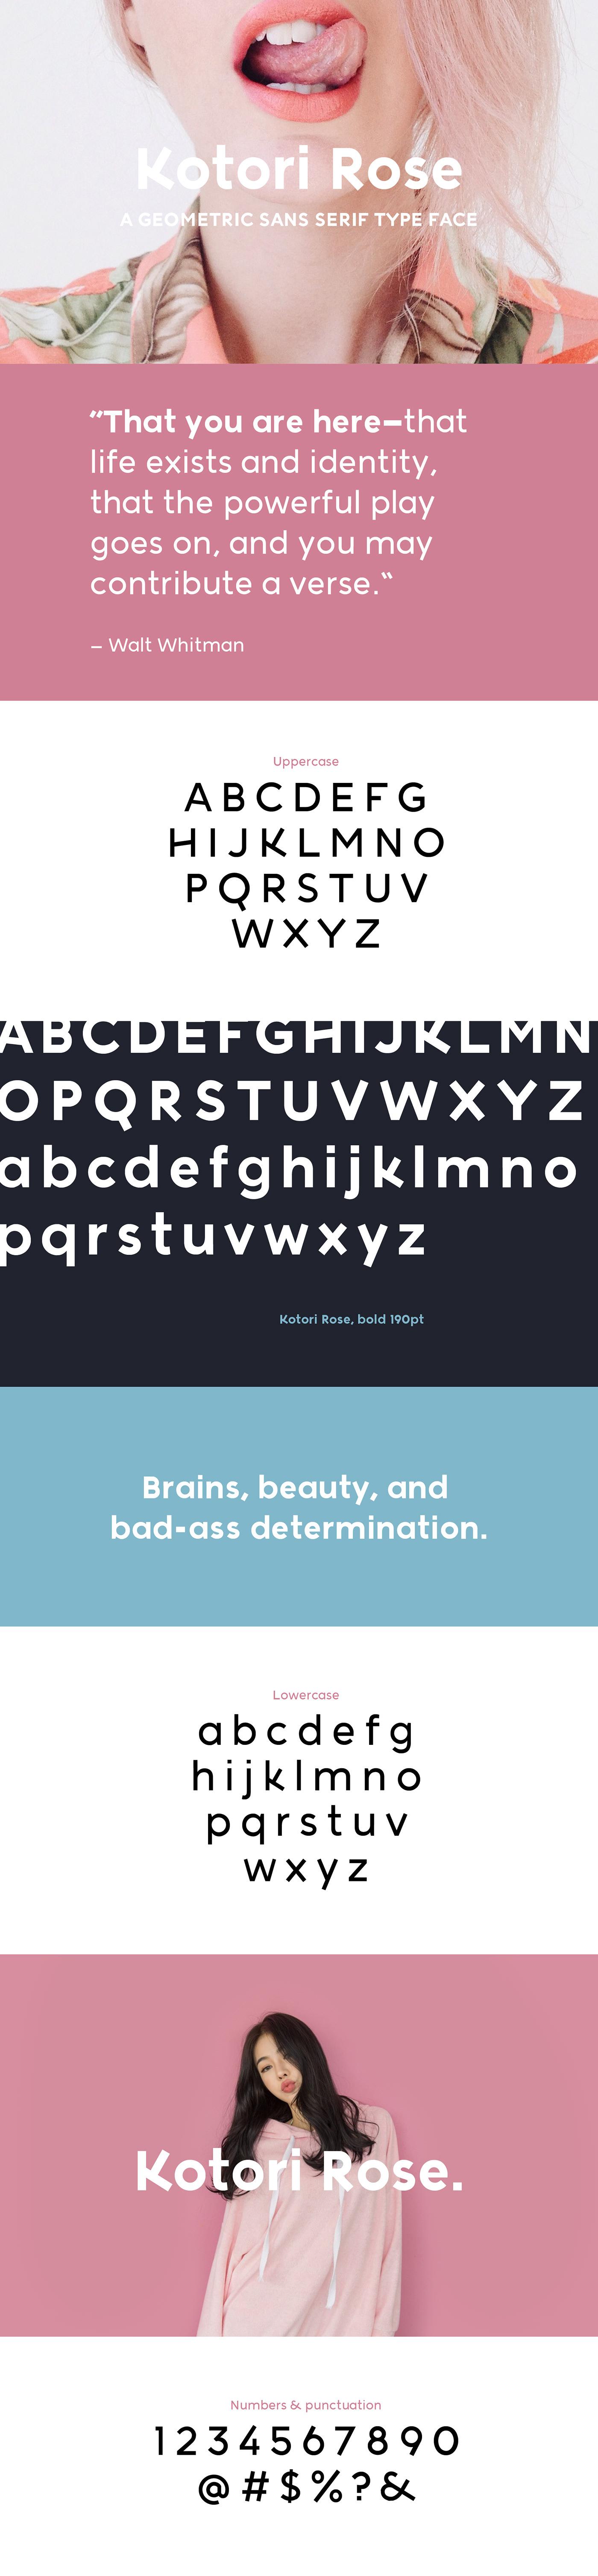 Kotori Rose Typeface